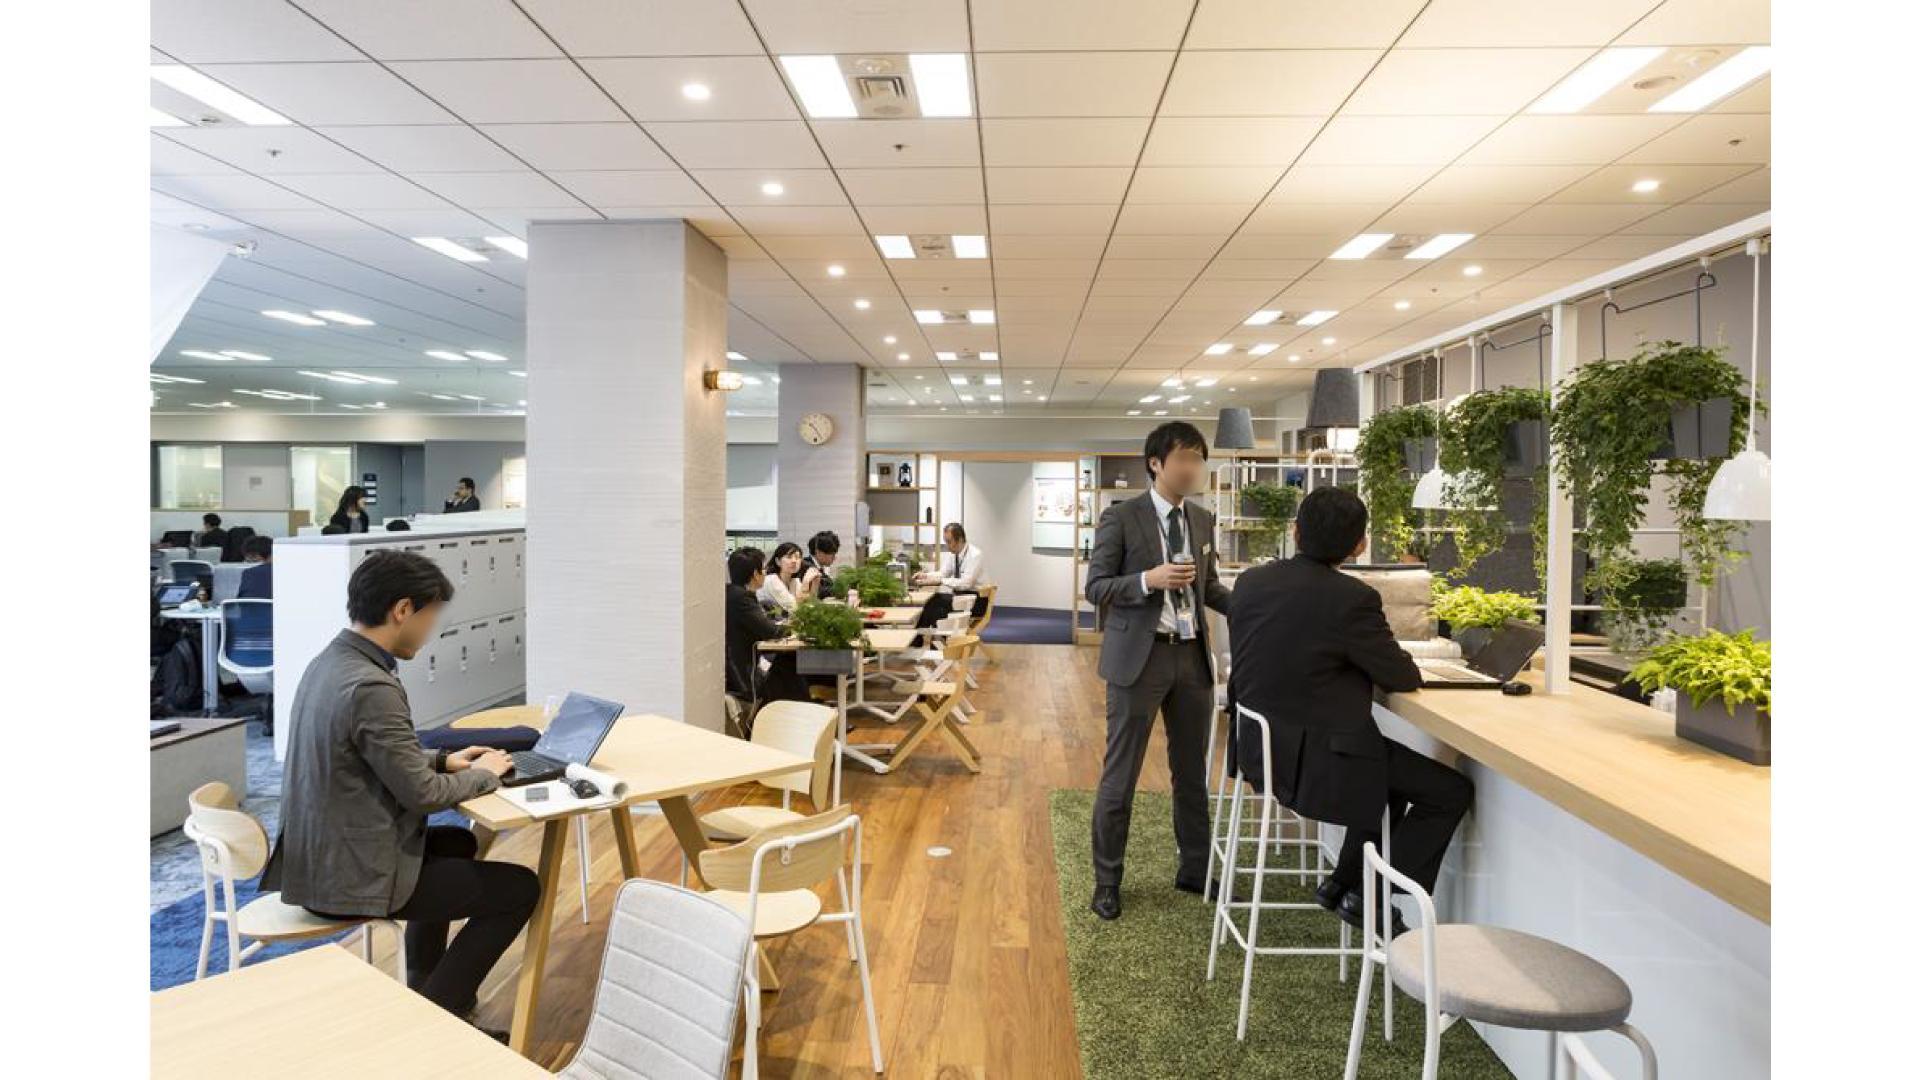 おしゃれなオフィスのカフェスペース